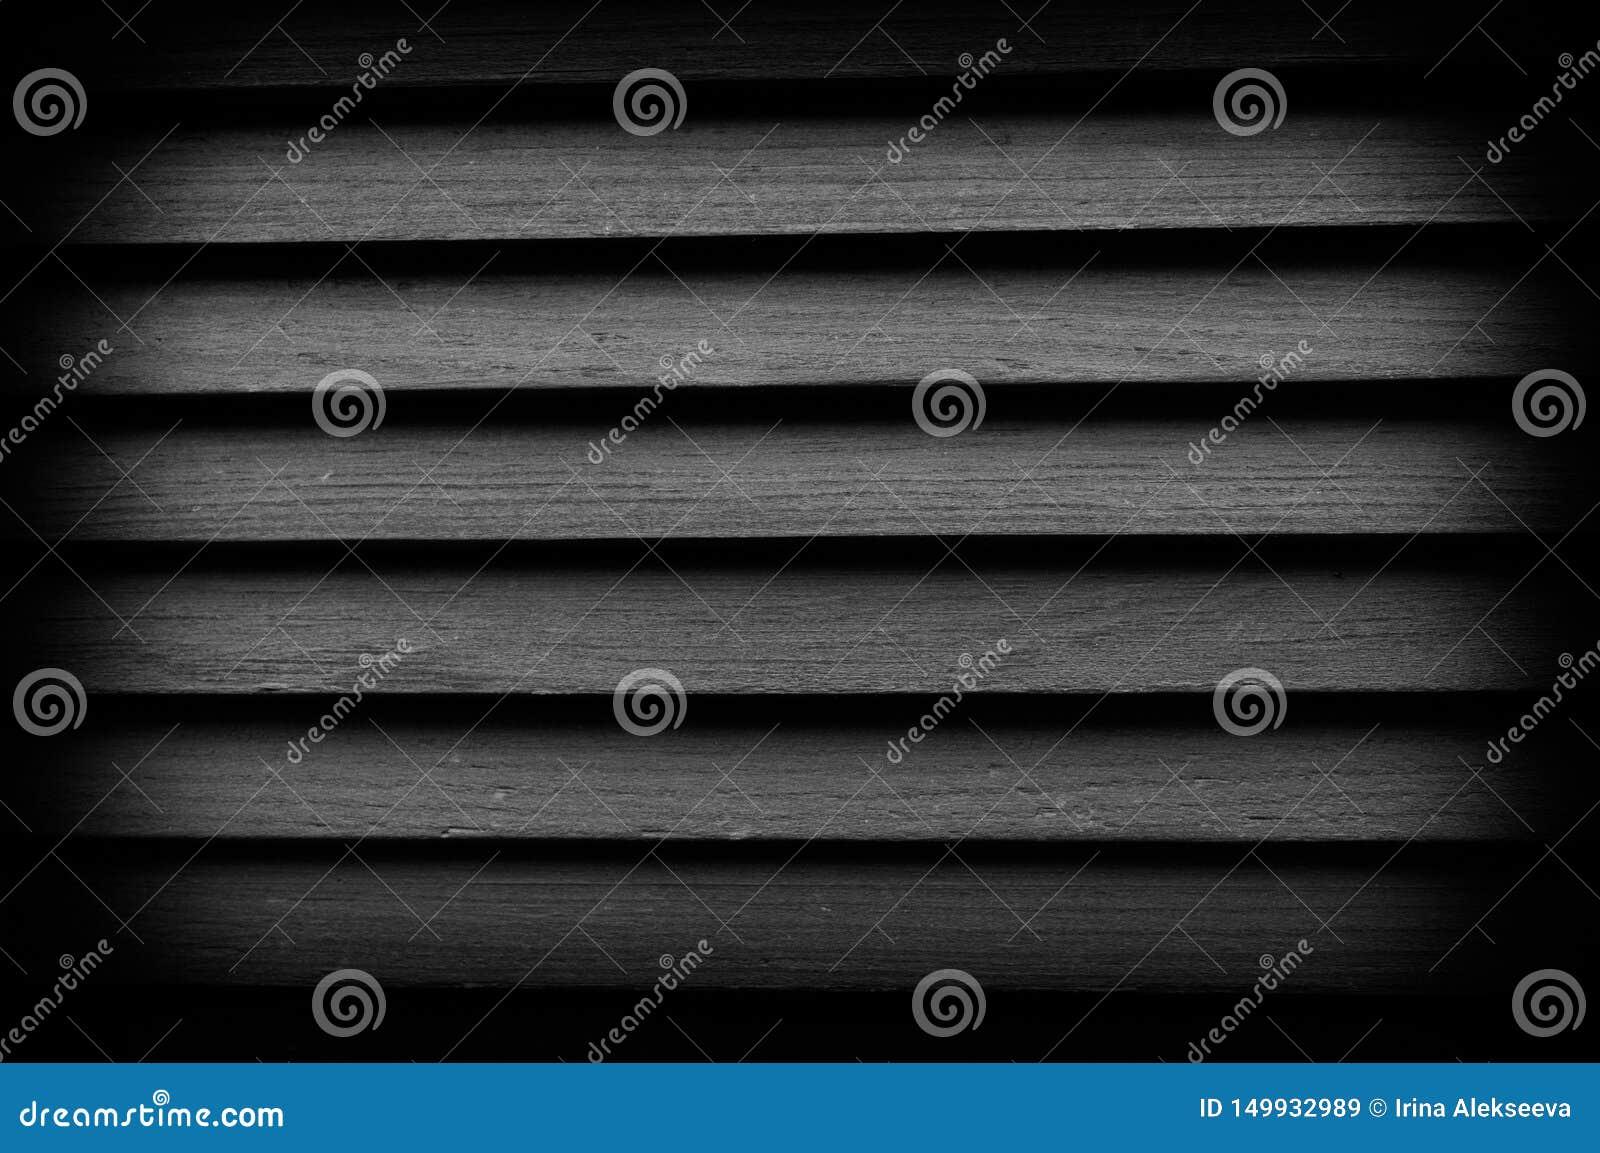 Beschaffenheit von hölzernen Vorhängen mit Vignettierung Großer Hintergrund für irgendeinen Gebrauch Schwarzweiss-Foto Pekings, C